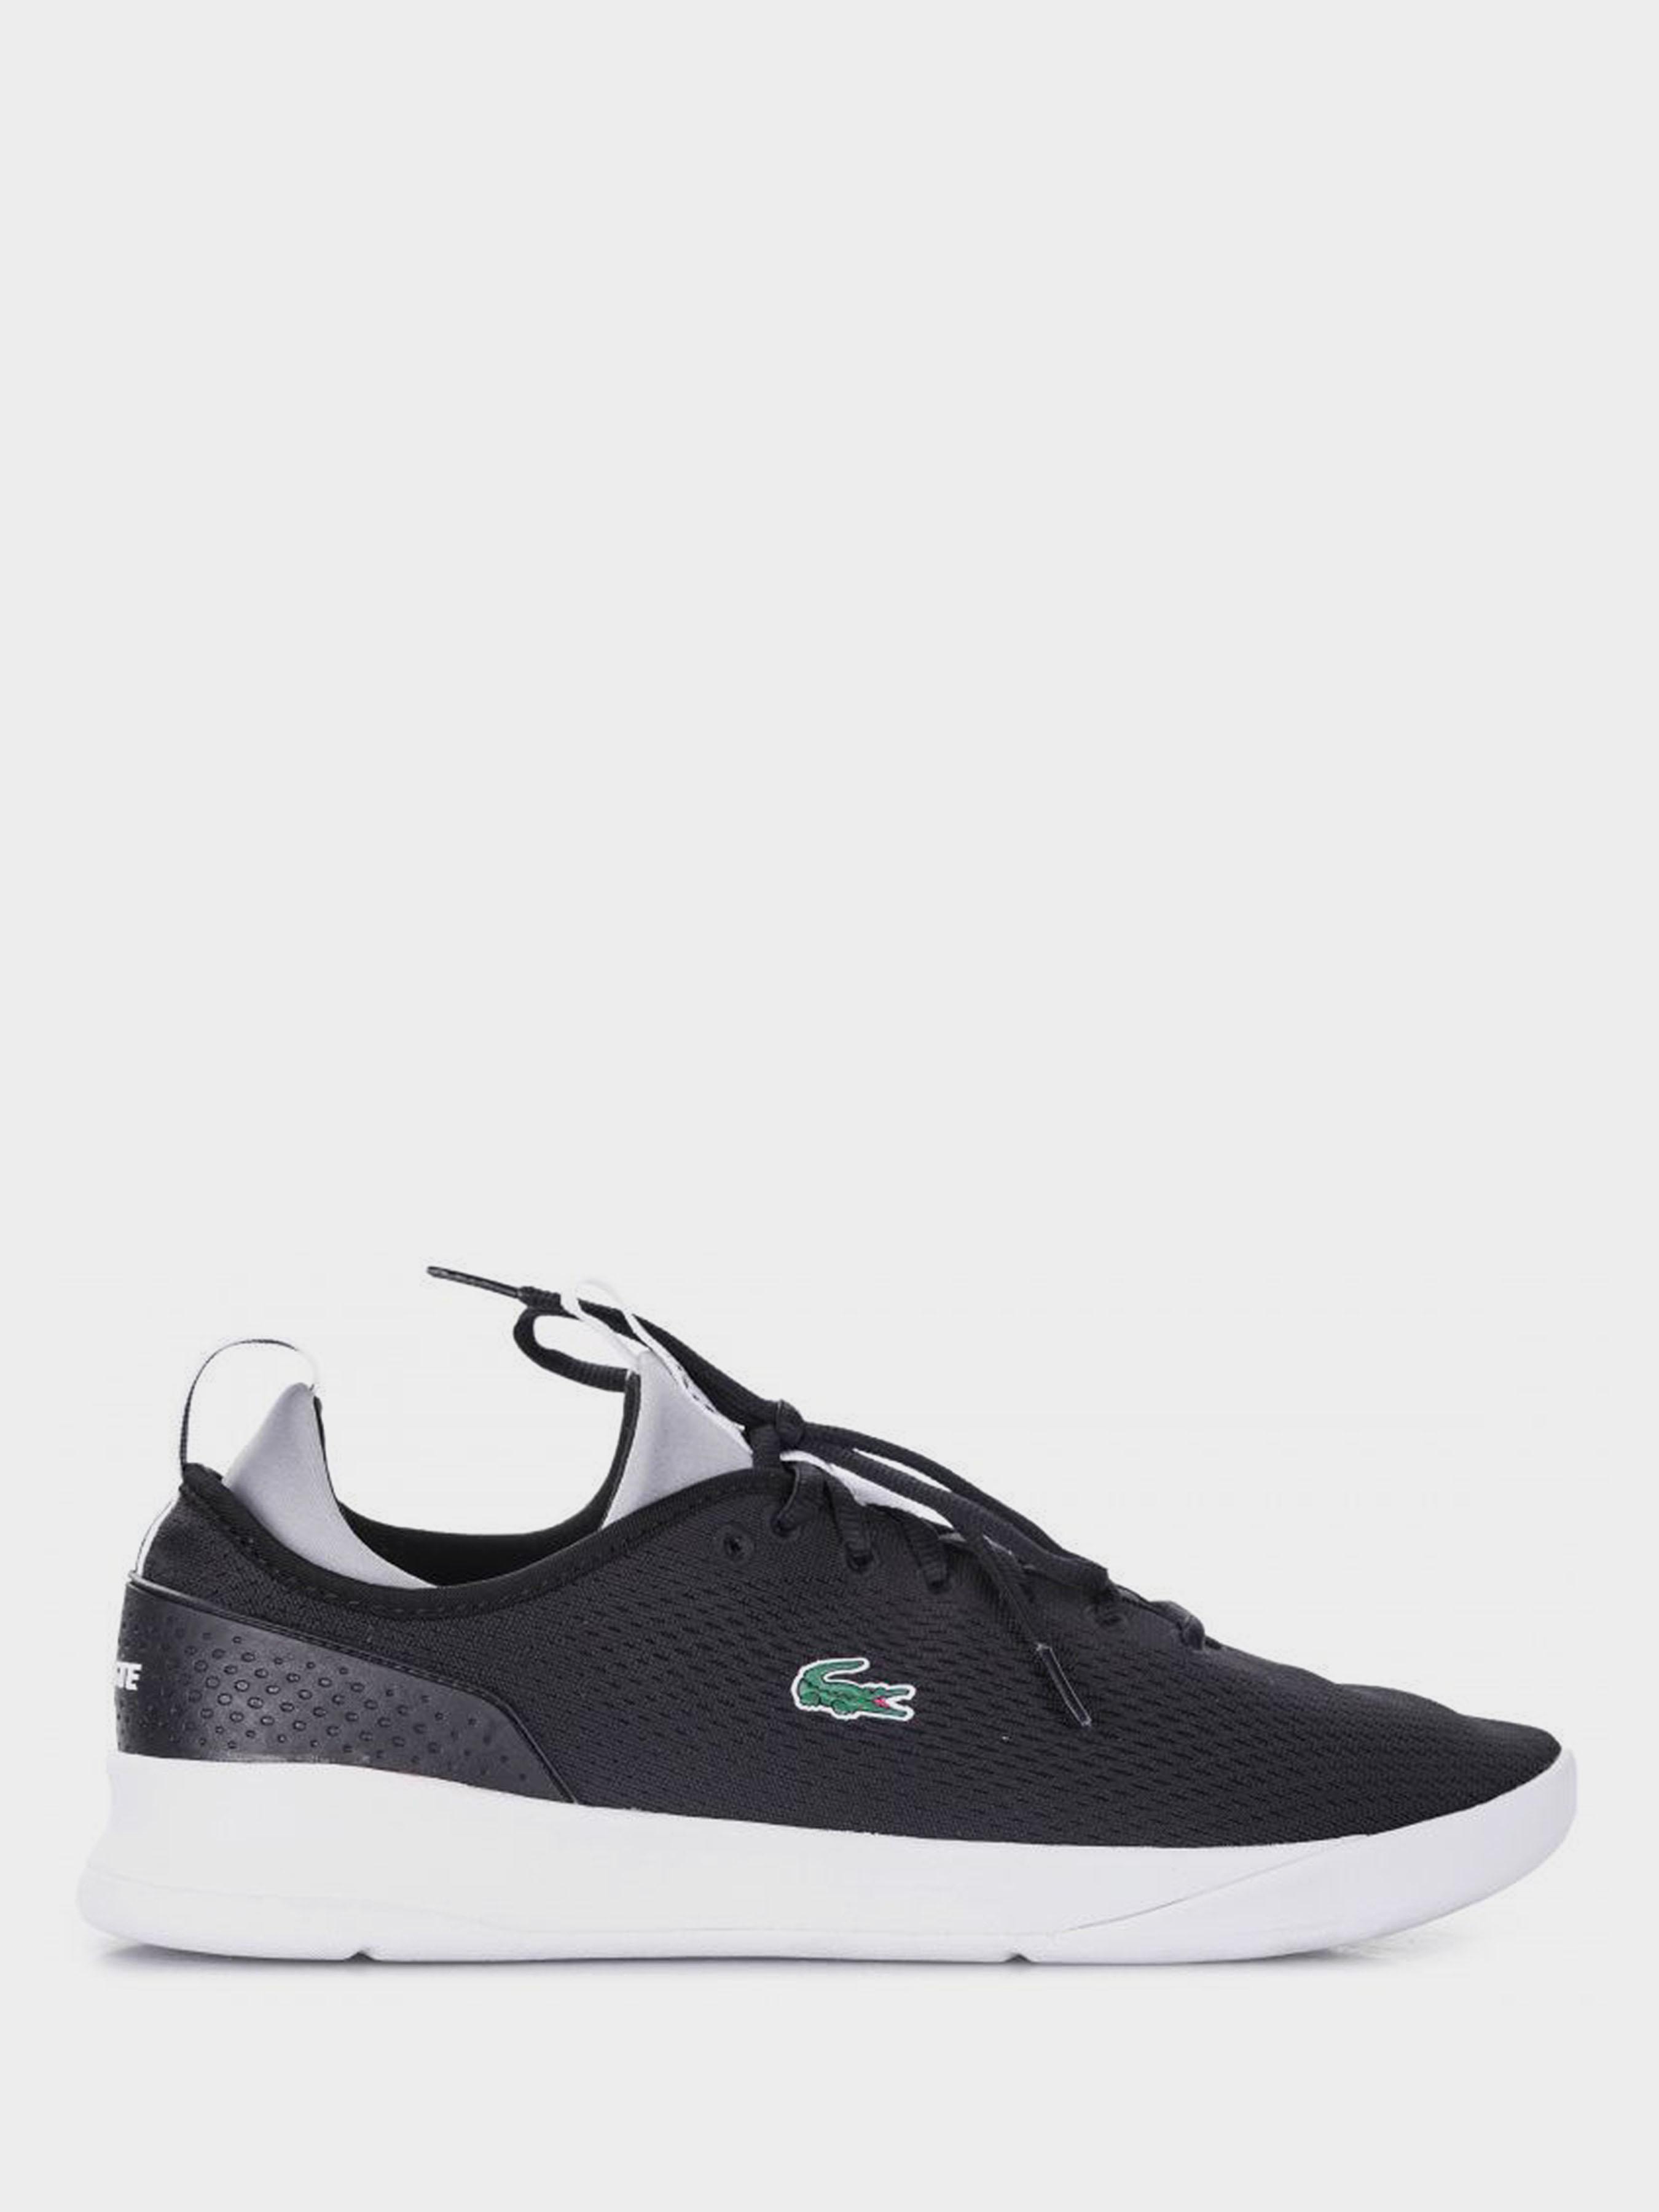 Кроссовки для мужчин Lacoste LK156 купить в Интертоп, 2017